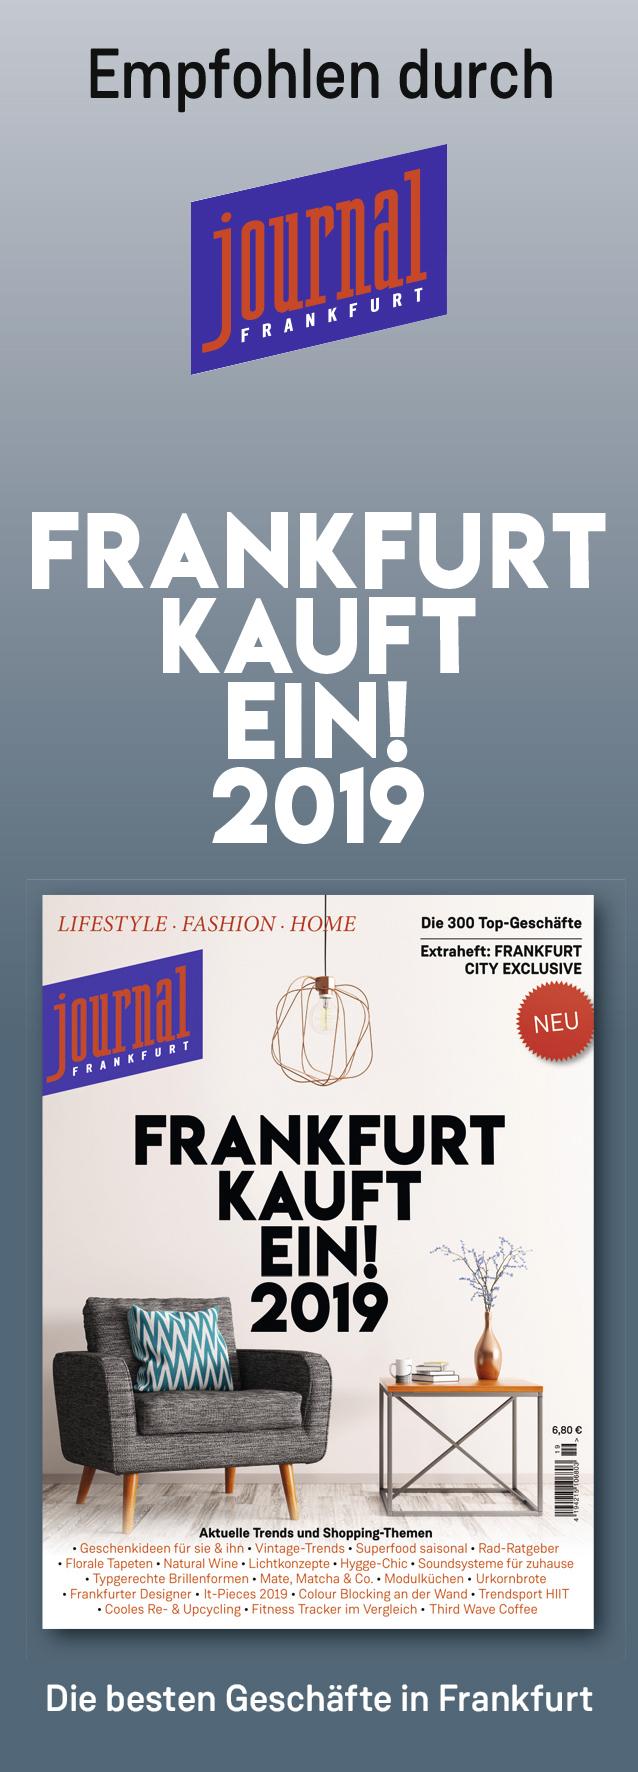 Ausgezeichnet zu den Besten Optiker in Frankfurt am Main - Colibri Augenoptik